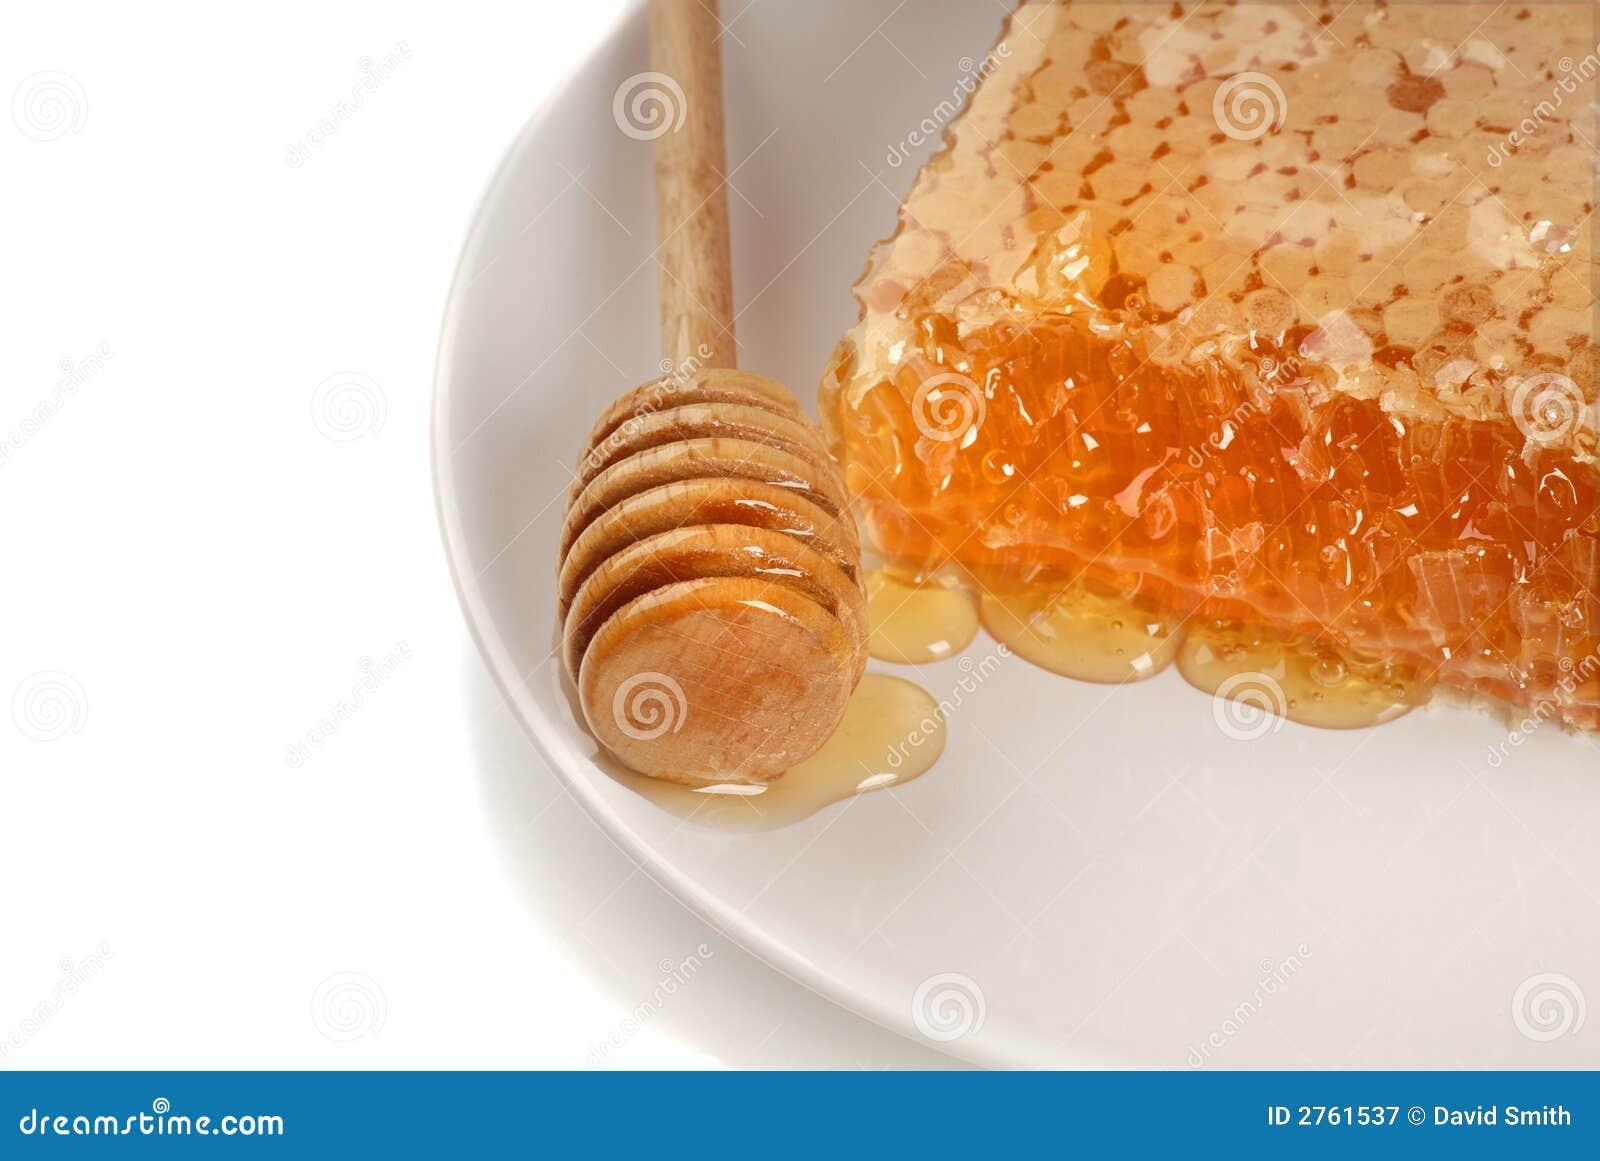 Bienenwabe Mit Einem Honig Stab